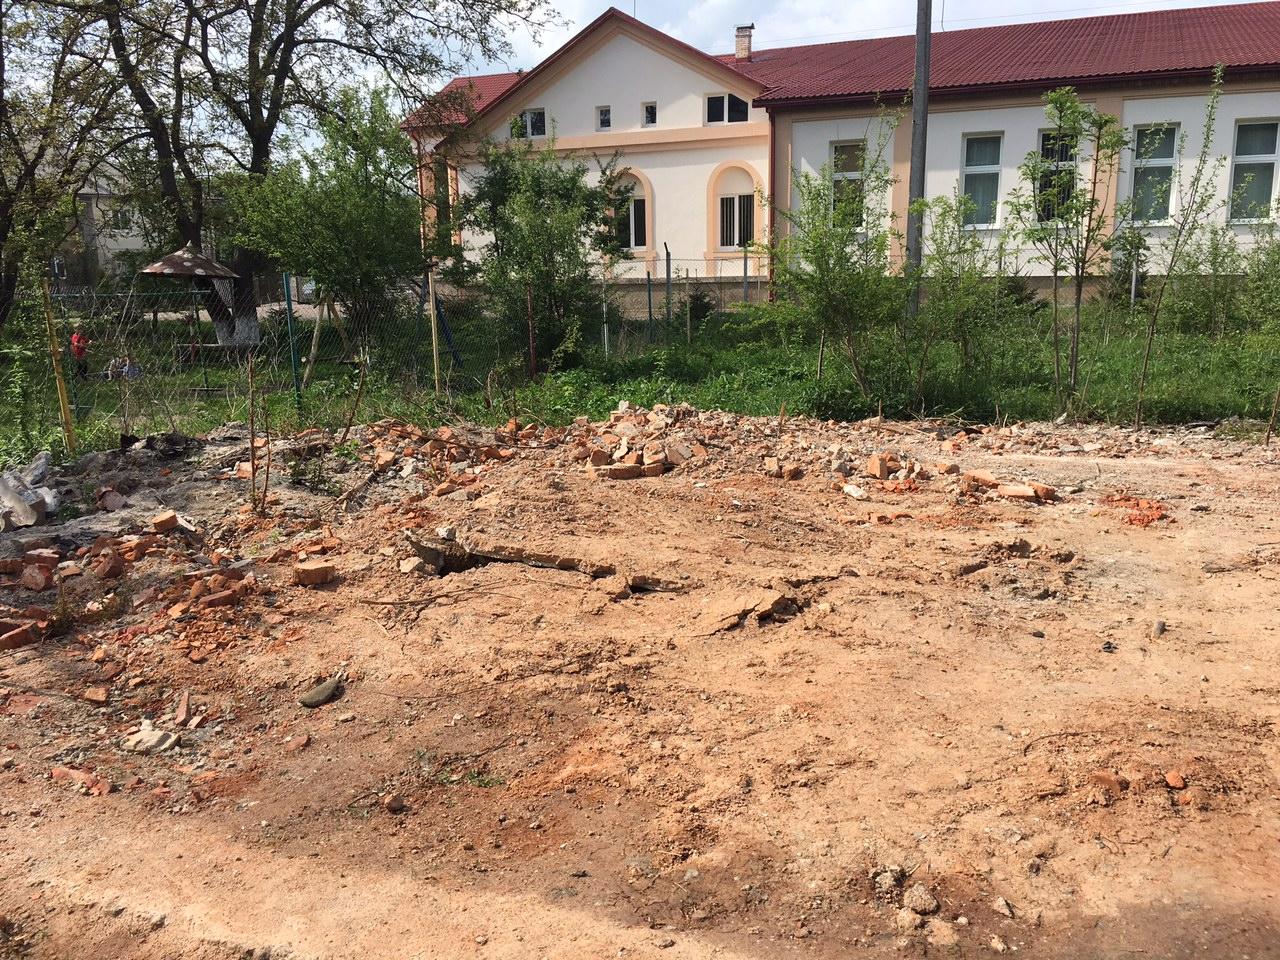 Fußboden Graß Jawa ~ Stiftung die brücke zum leben kinderhaus swaljawa